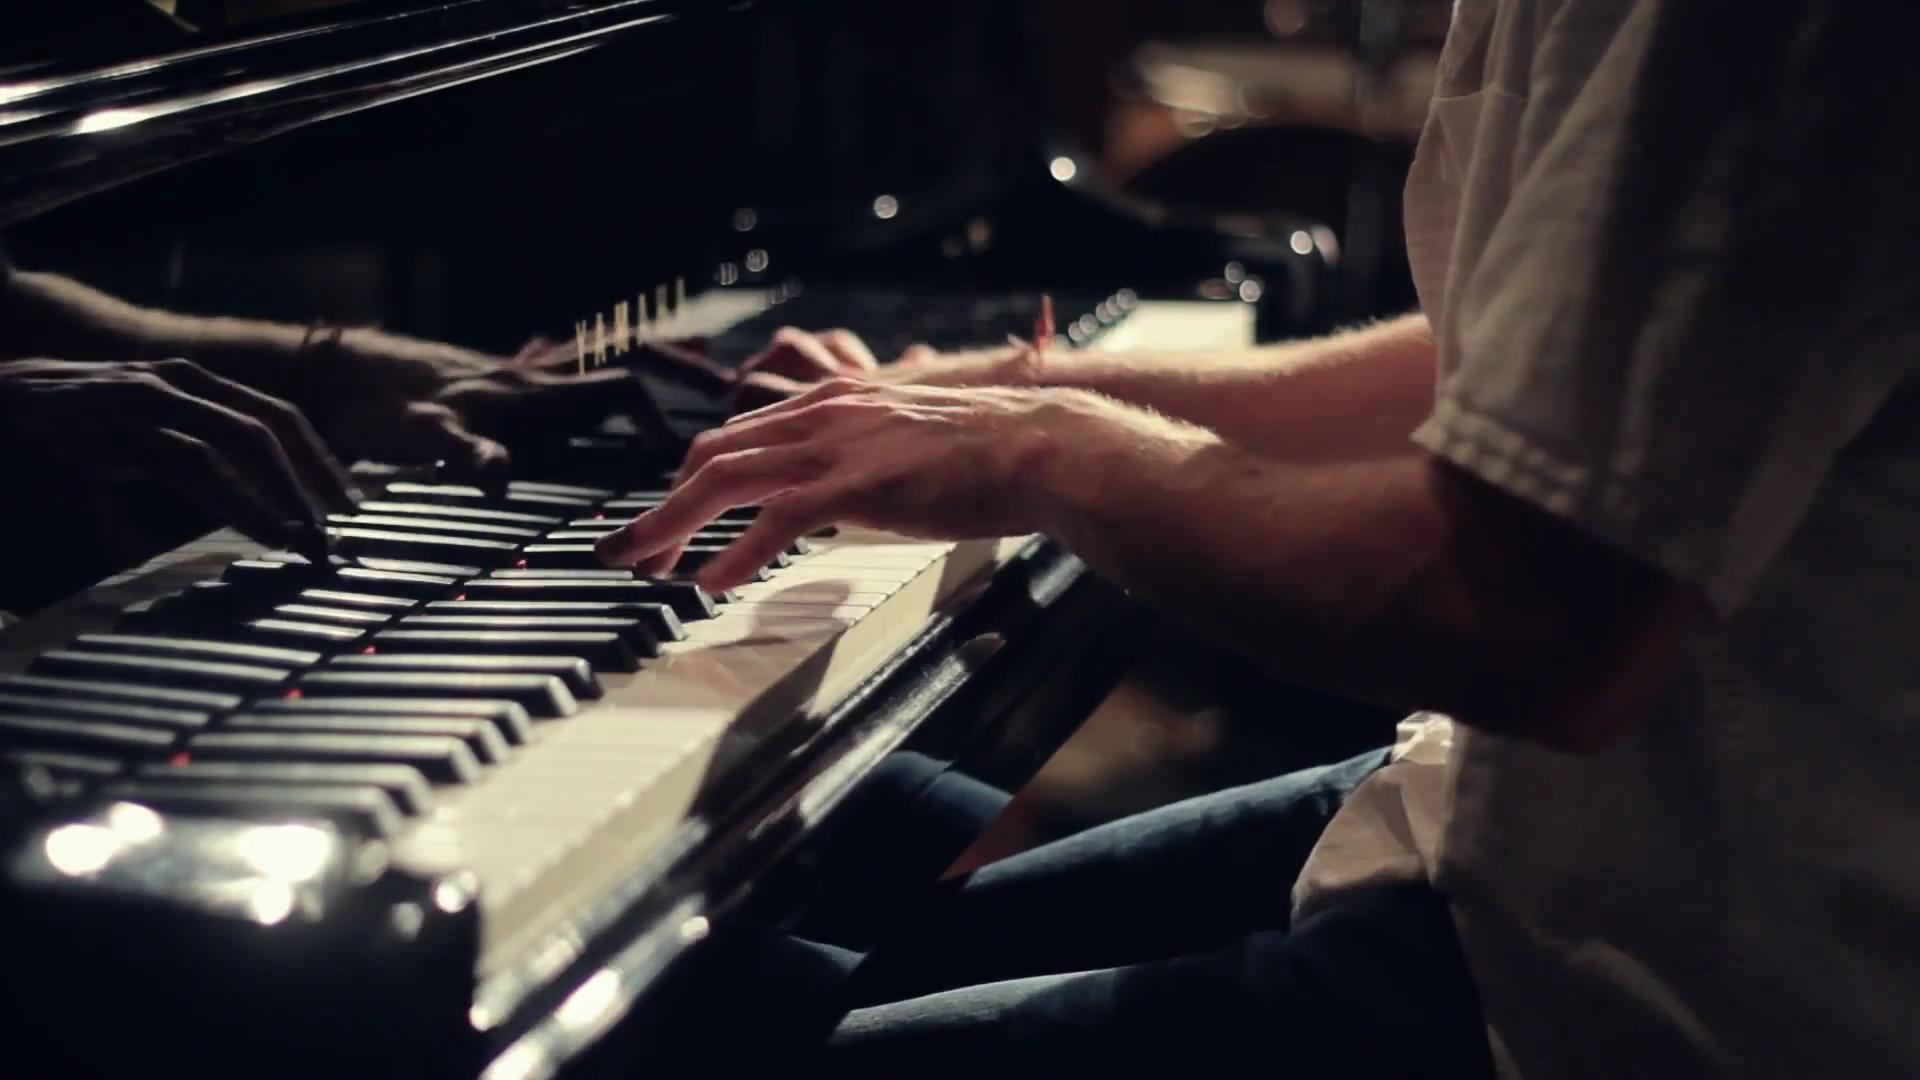 【钢琴】关于弹琴手型和用力的问题【求高手】图片